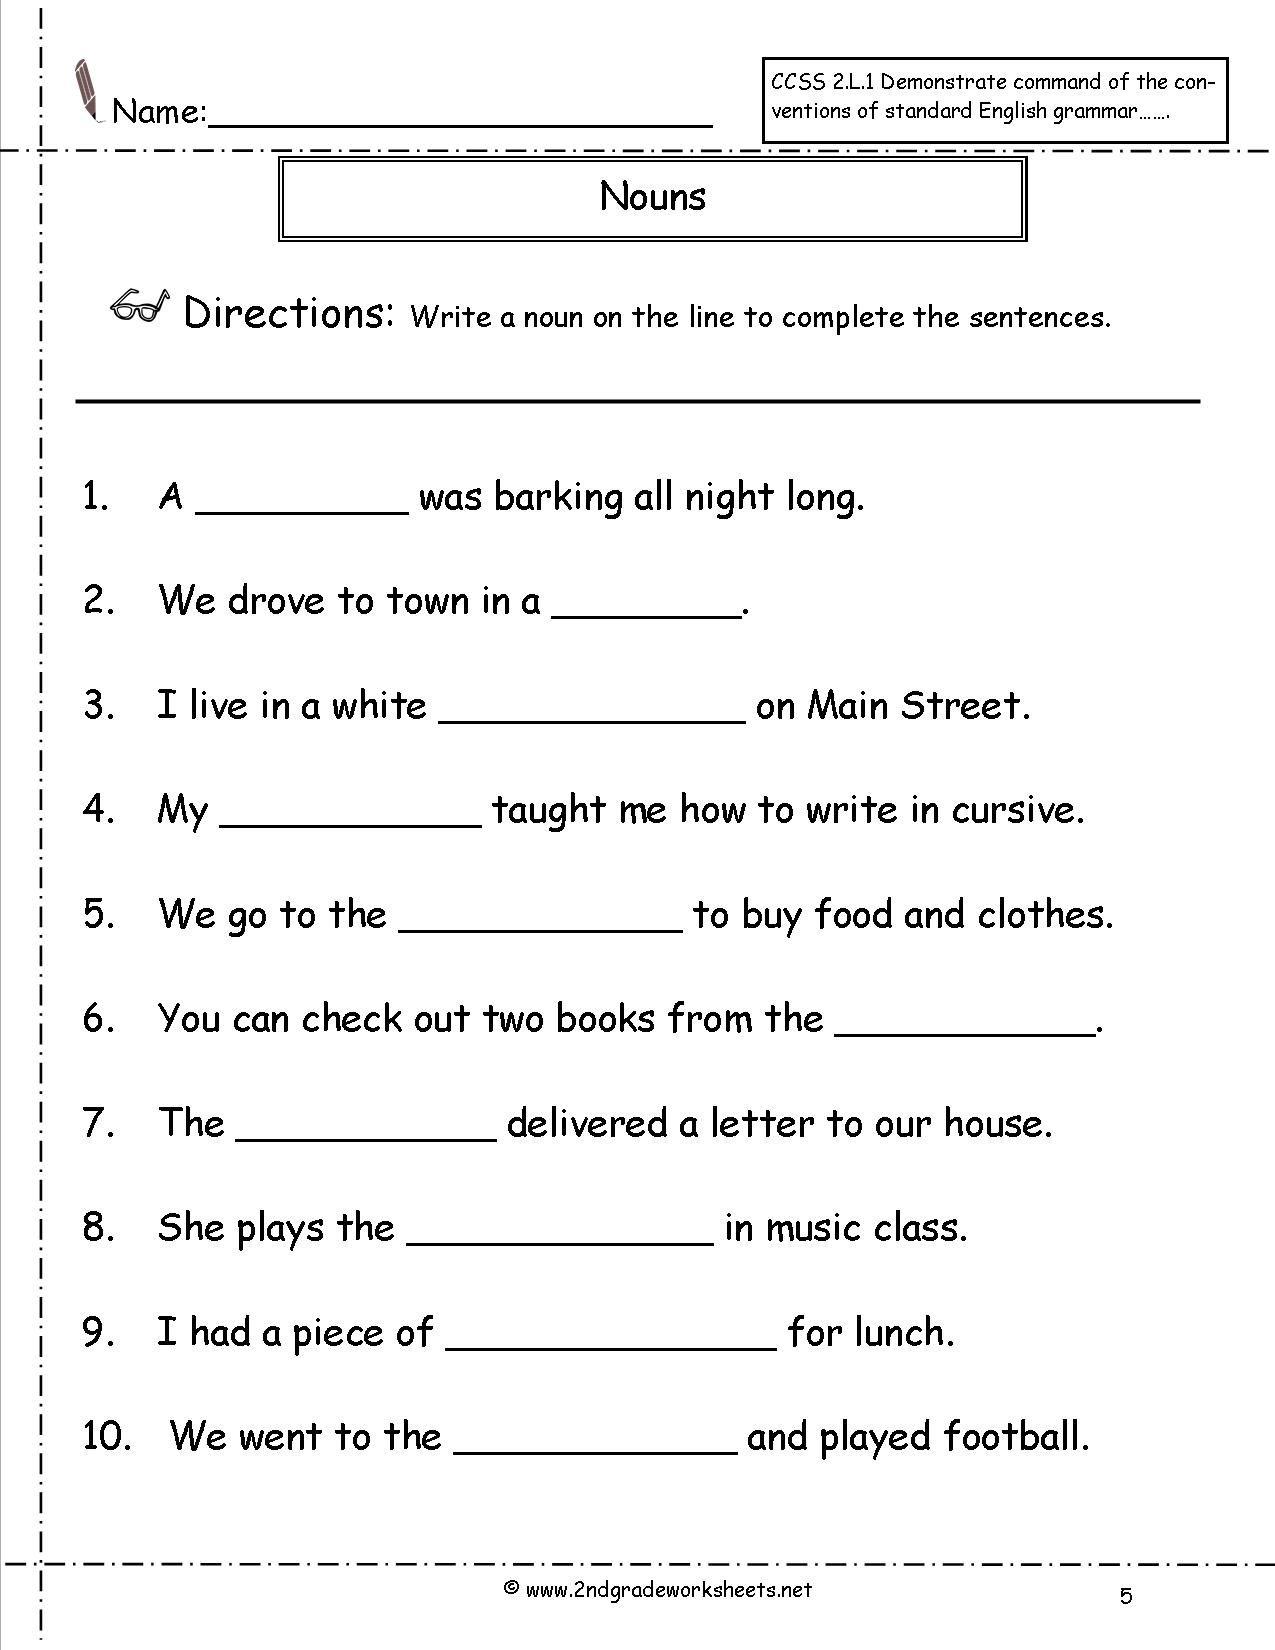 - English Grammar Noun Worksheet For Grade 1 Elegant Nouns